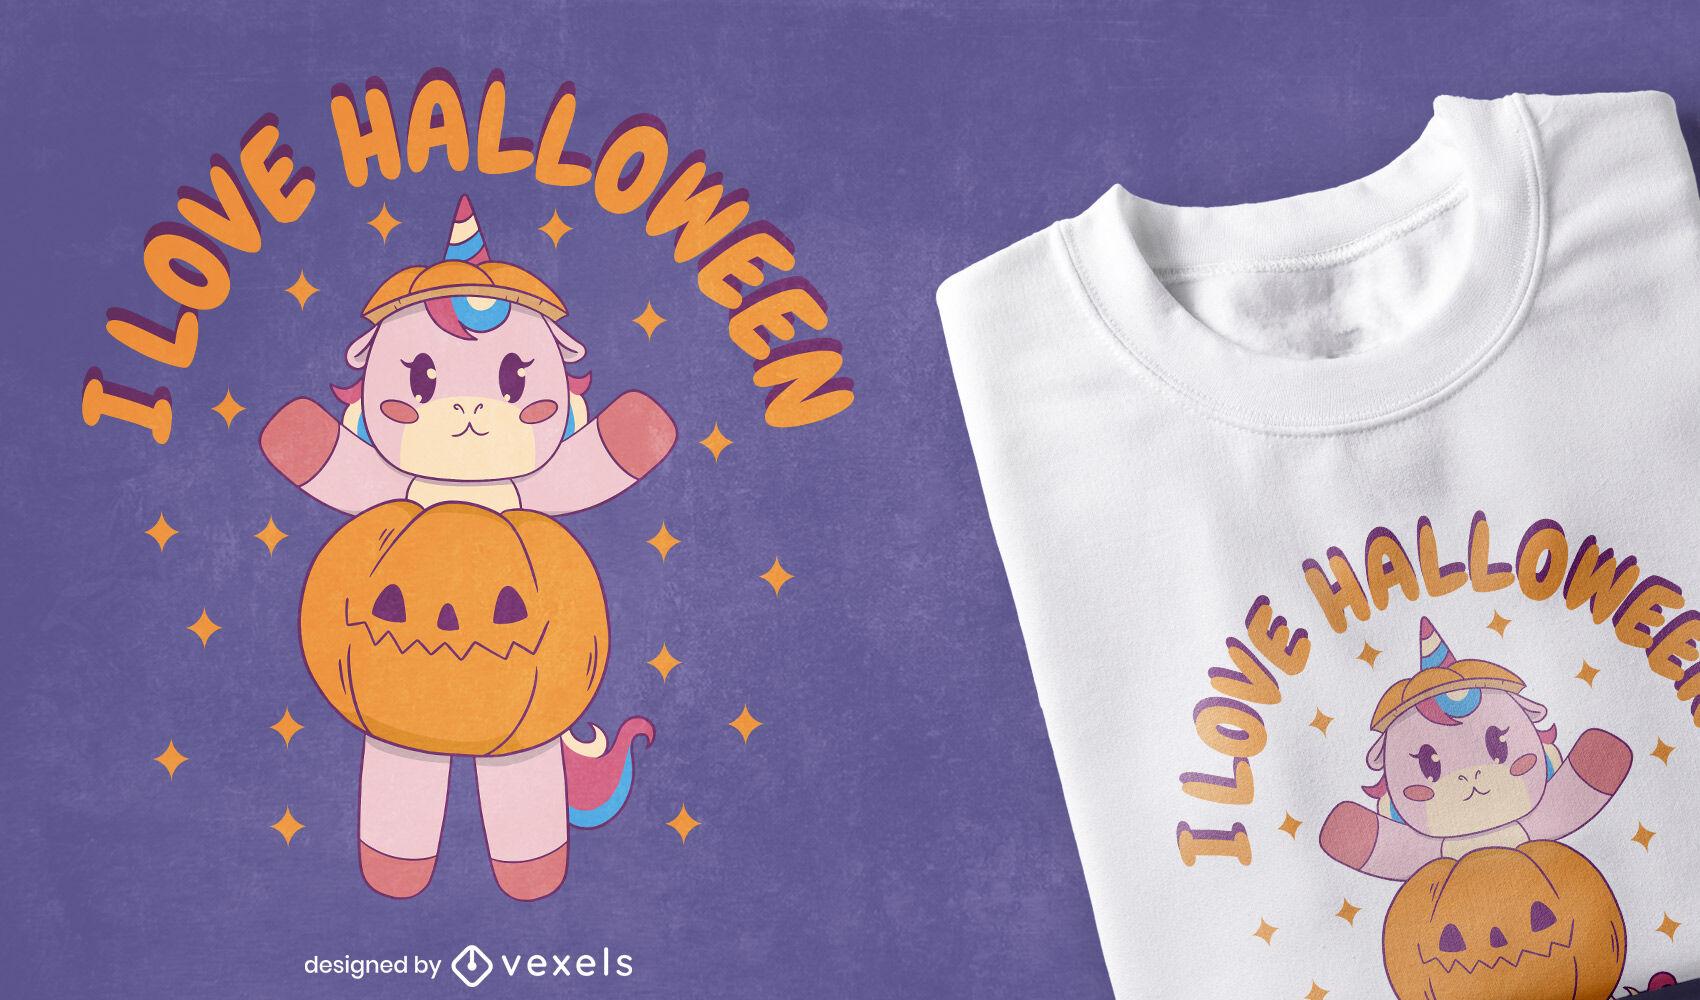 Unicornio en dise?o de camiseta de calabaza de halloween